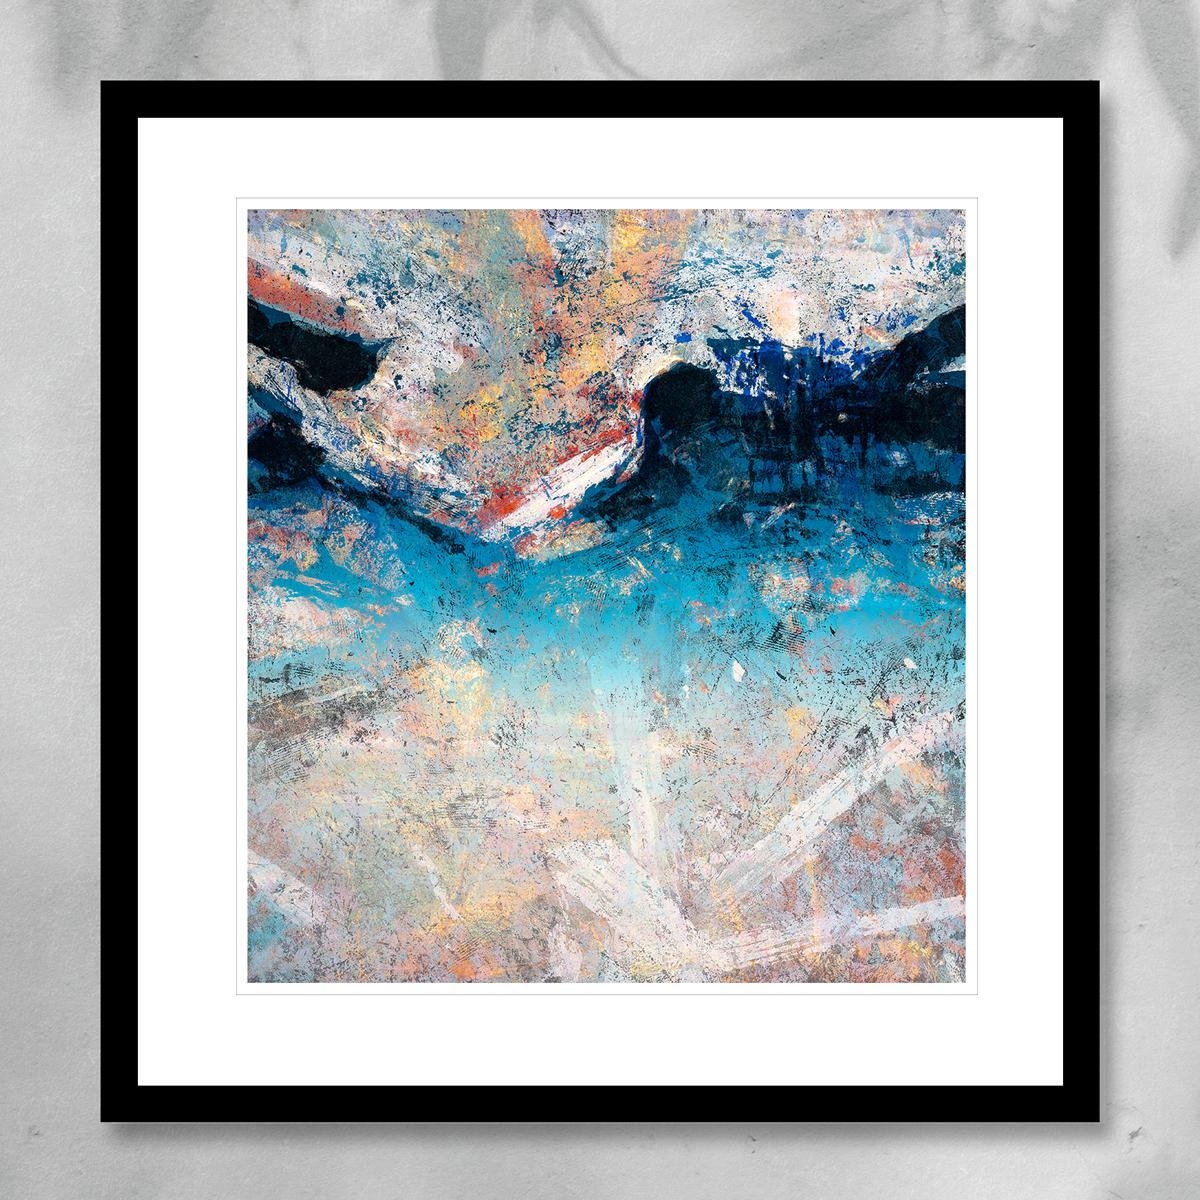 Abstrakt kunst med en blå fjellformasjon og hvite penselstrøk, i Antarktis. Håndkolorert litografi av Vebjørn Sand.